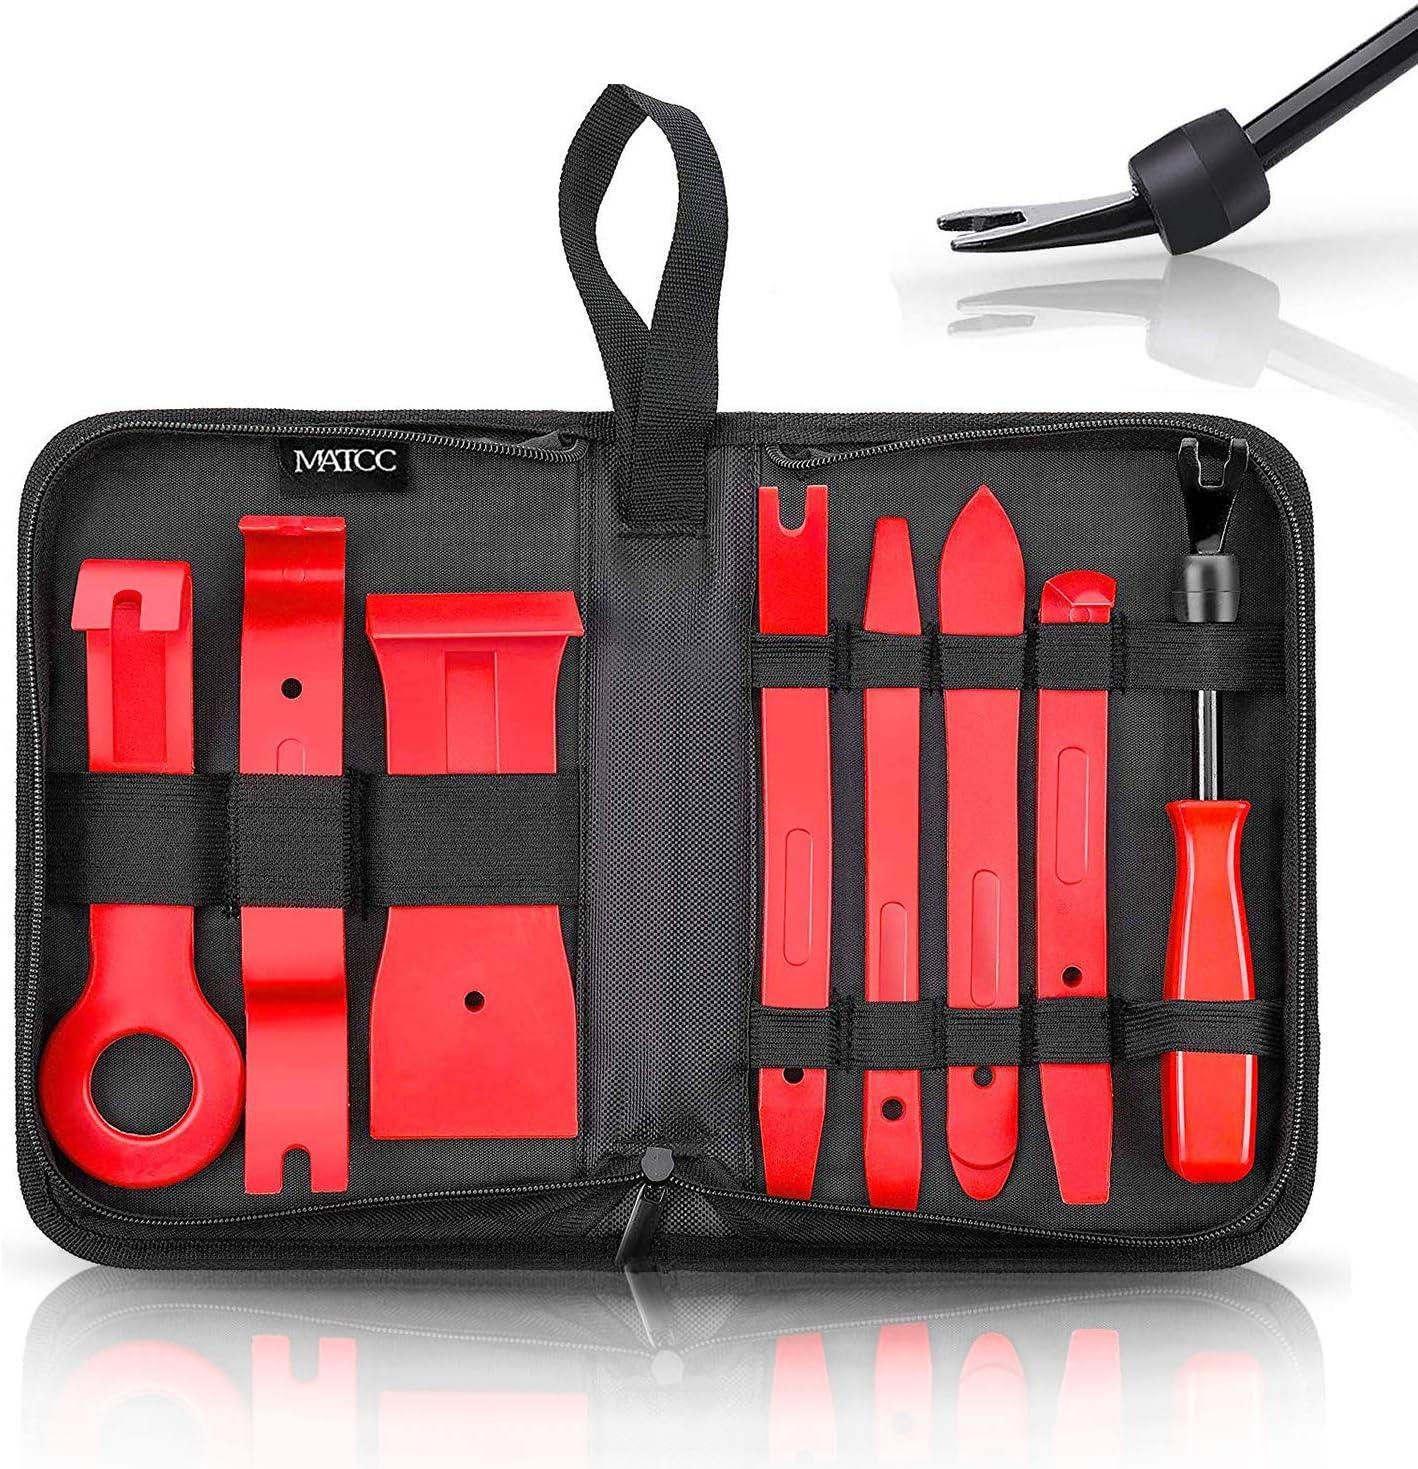 MATCC 8PCS Herramientas de Desmontar Coche Kit de Desmontaje para Desmontar el Salpicadero Radio Coche Panel Frontal y Extraer Tapicerías de Vehículos Nylon y Pom